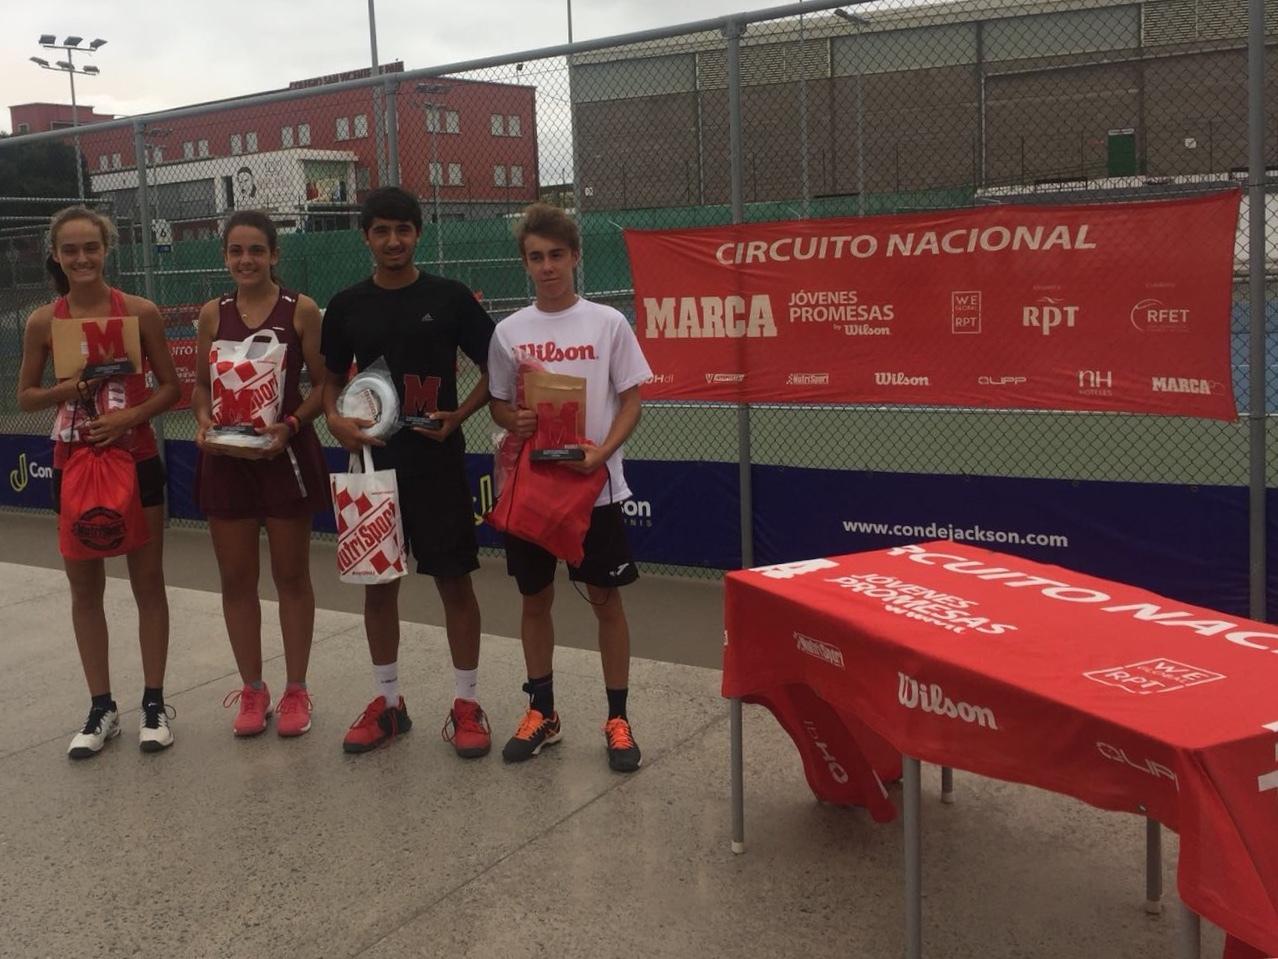 Campeones y finalistas del torneo MARCA Jóvenes Promesas del Club...